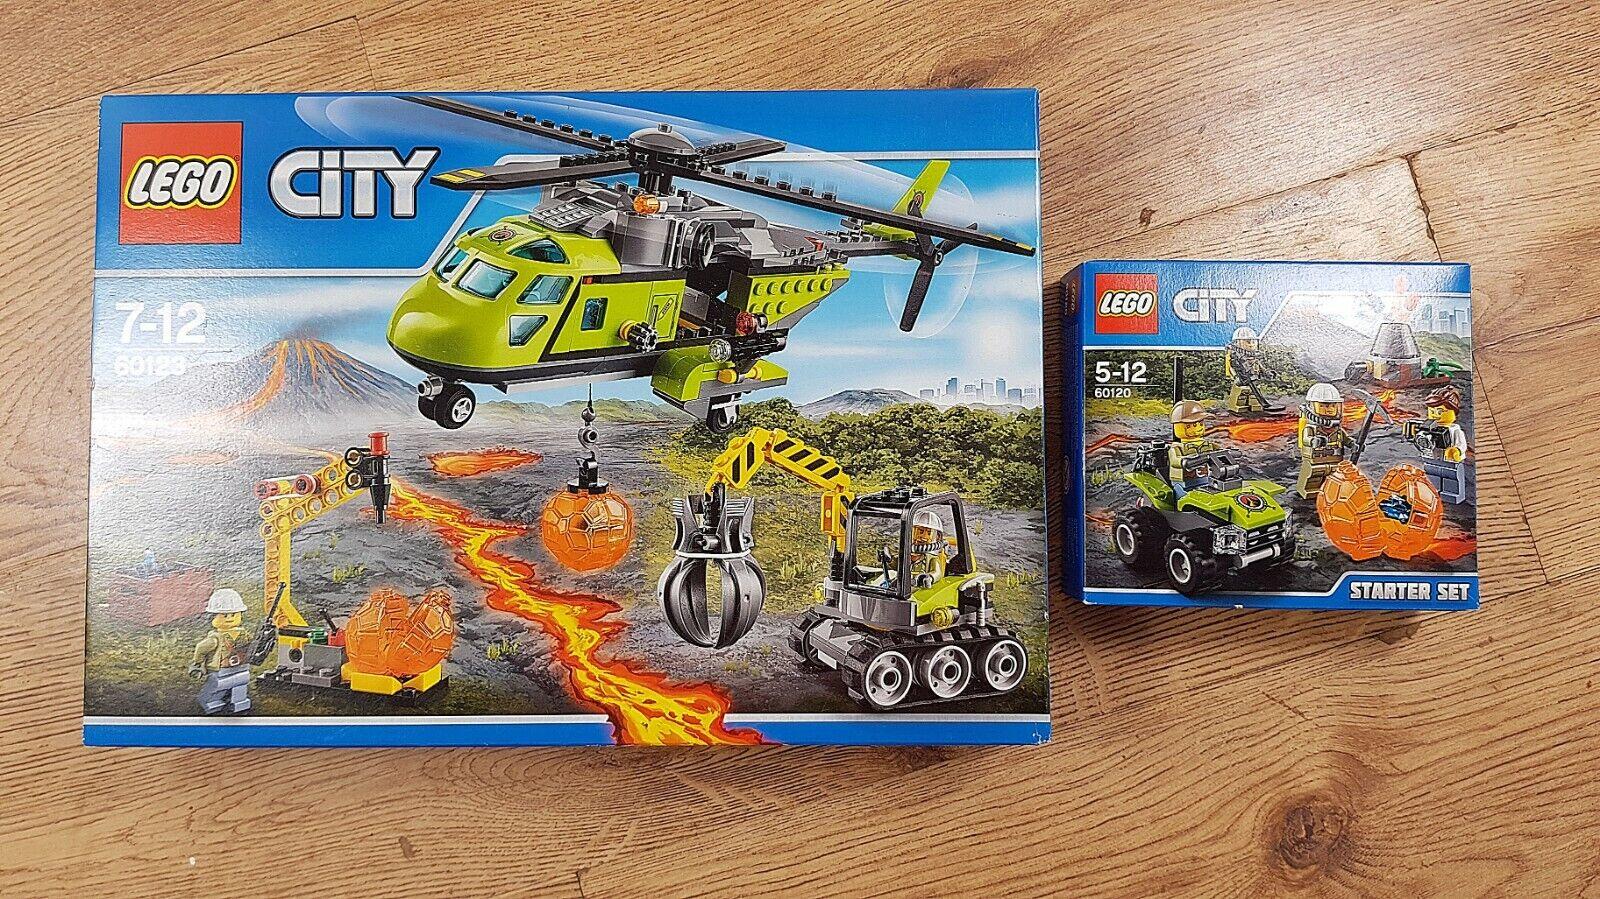 LEGO città 60123  VULCANO Supply Elicottero & 60120 VULCANO estrellater Set   Nuovo  l'intera rete più bassa